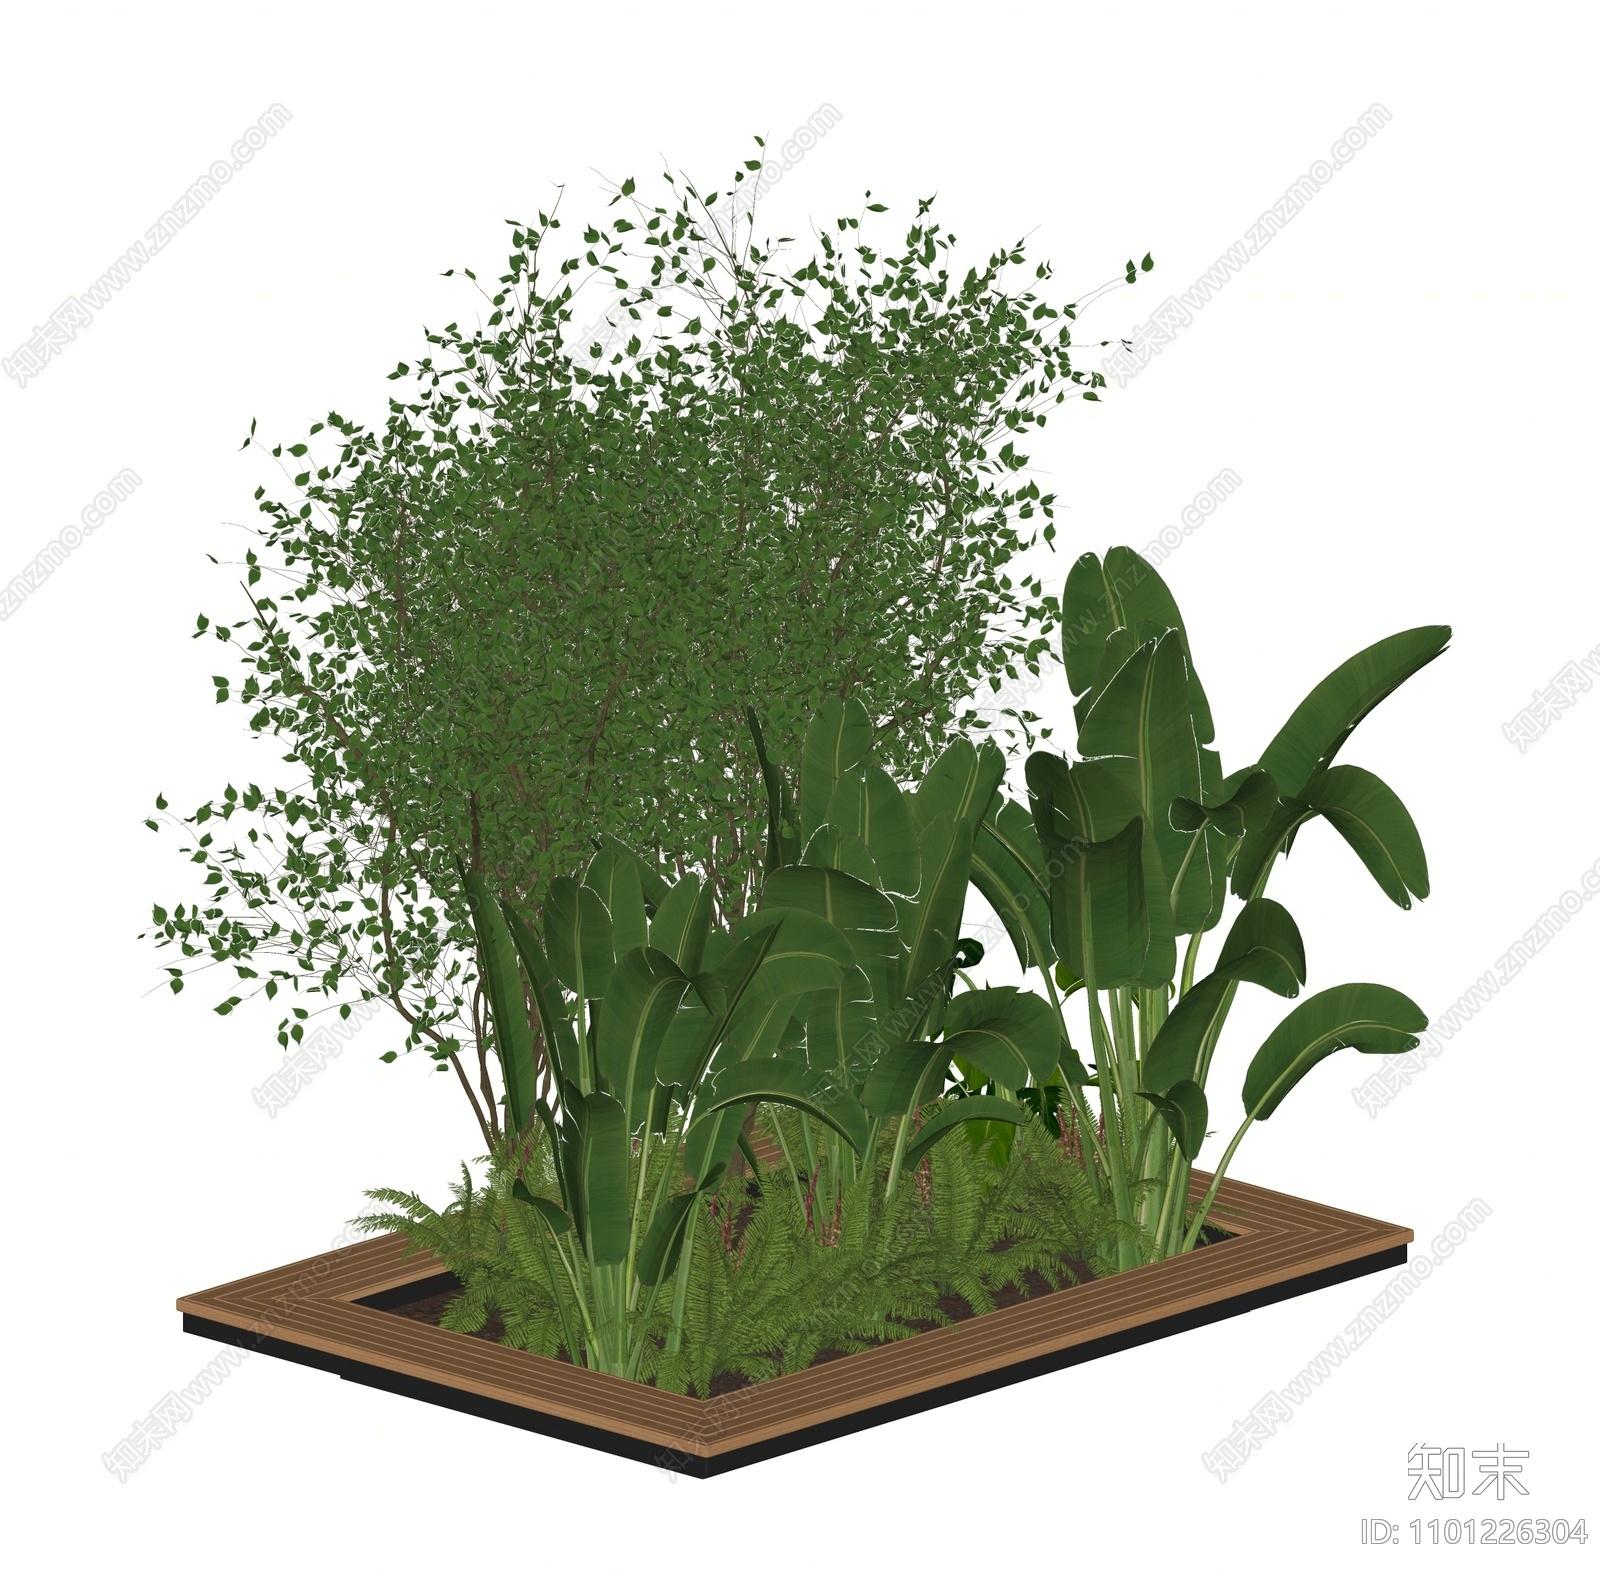 现代植物盆栽SU模型下载【ID:1101226304】